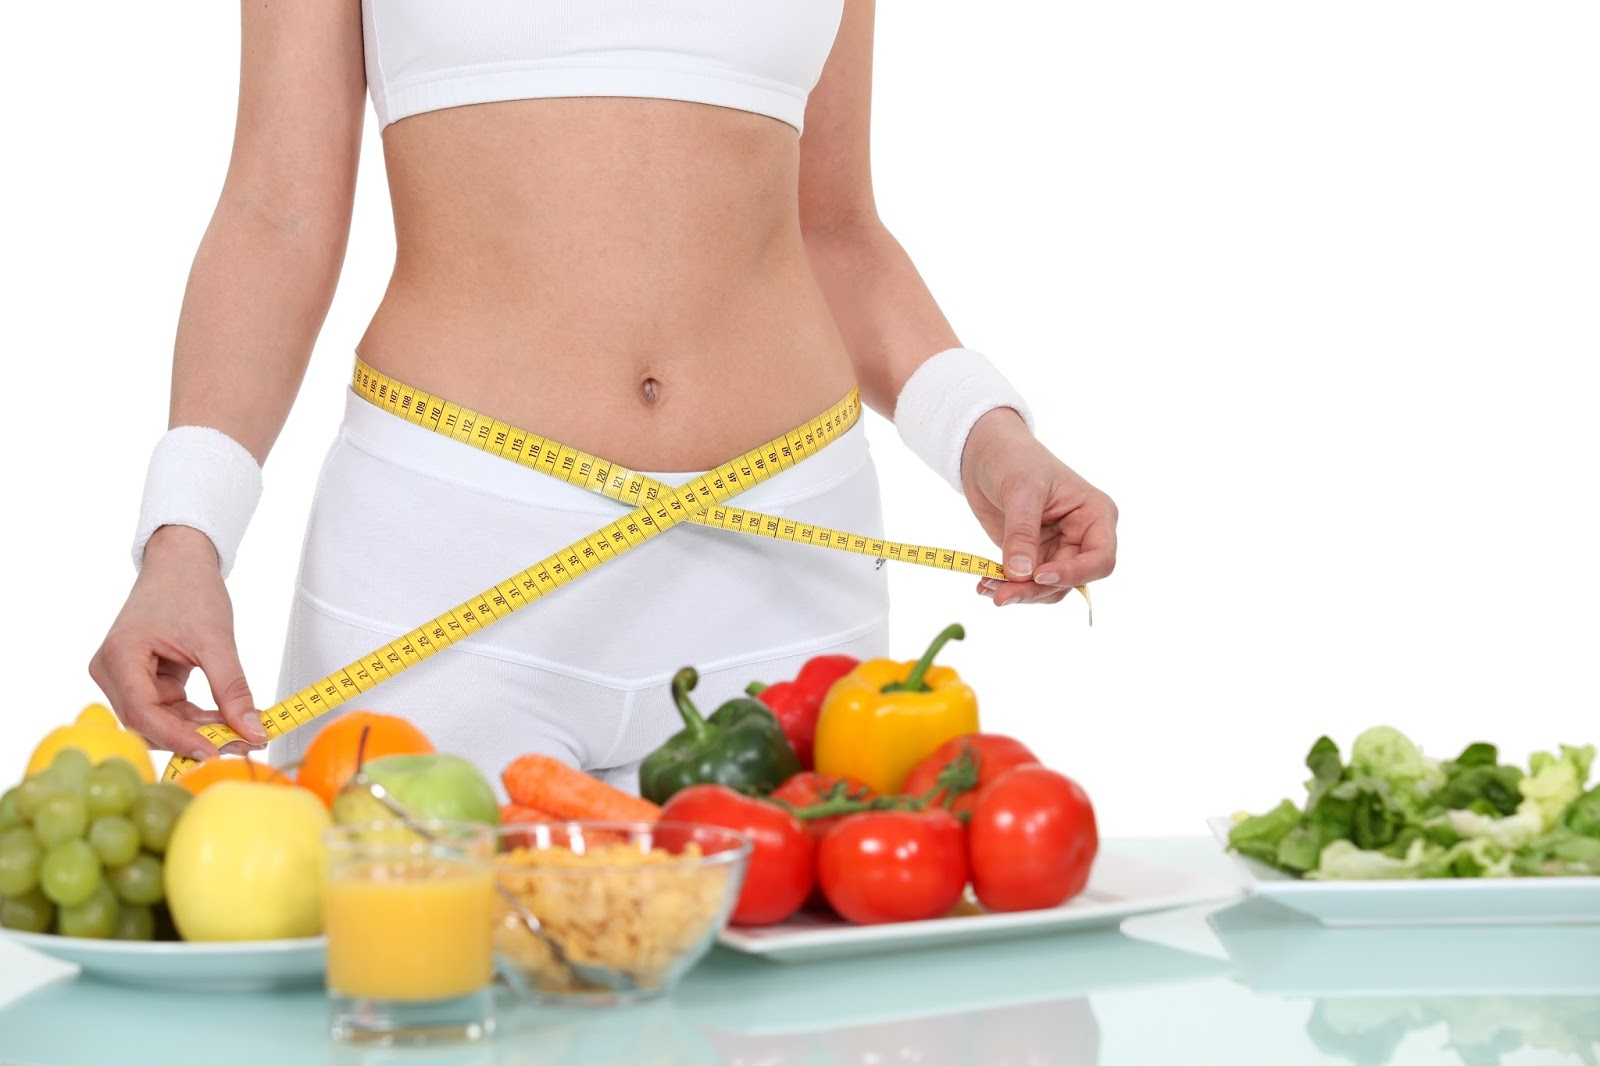 Правильно Питание Для Желающих Похудеть. Основы правильного питания для похудения: меню, рекомендации диетолога и отзывы